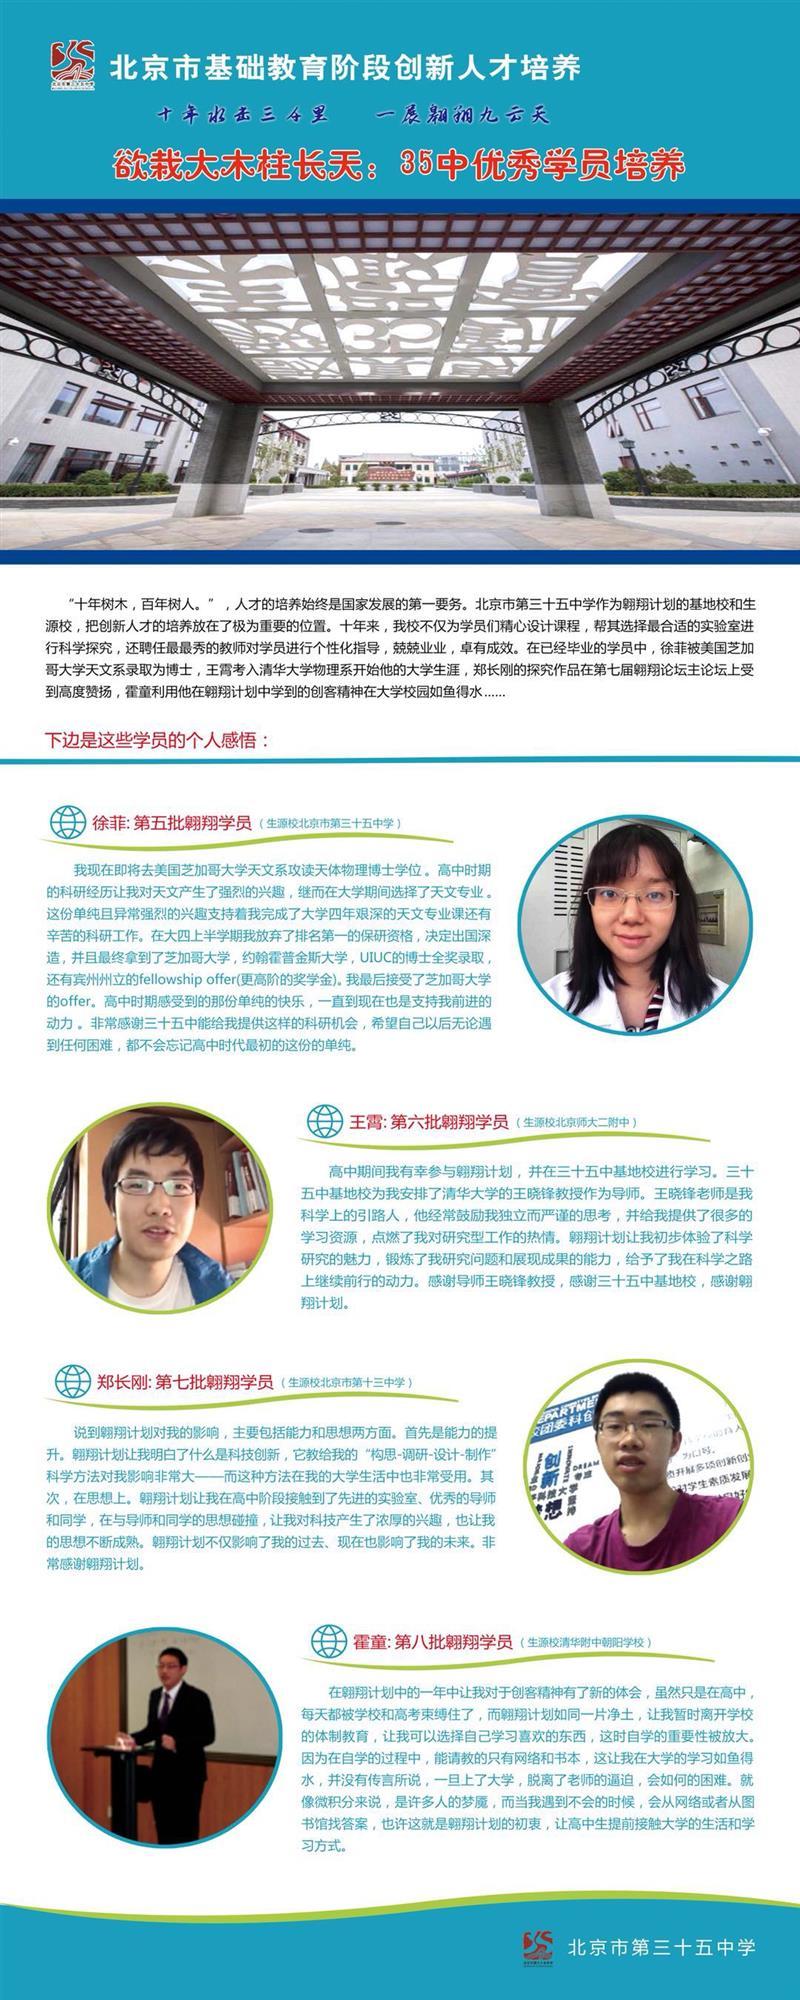 4.我校翱翔十年培养优秀学员代表.jpg